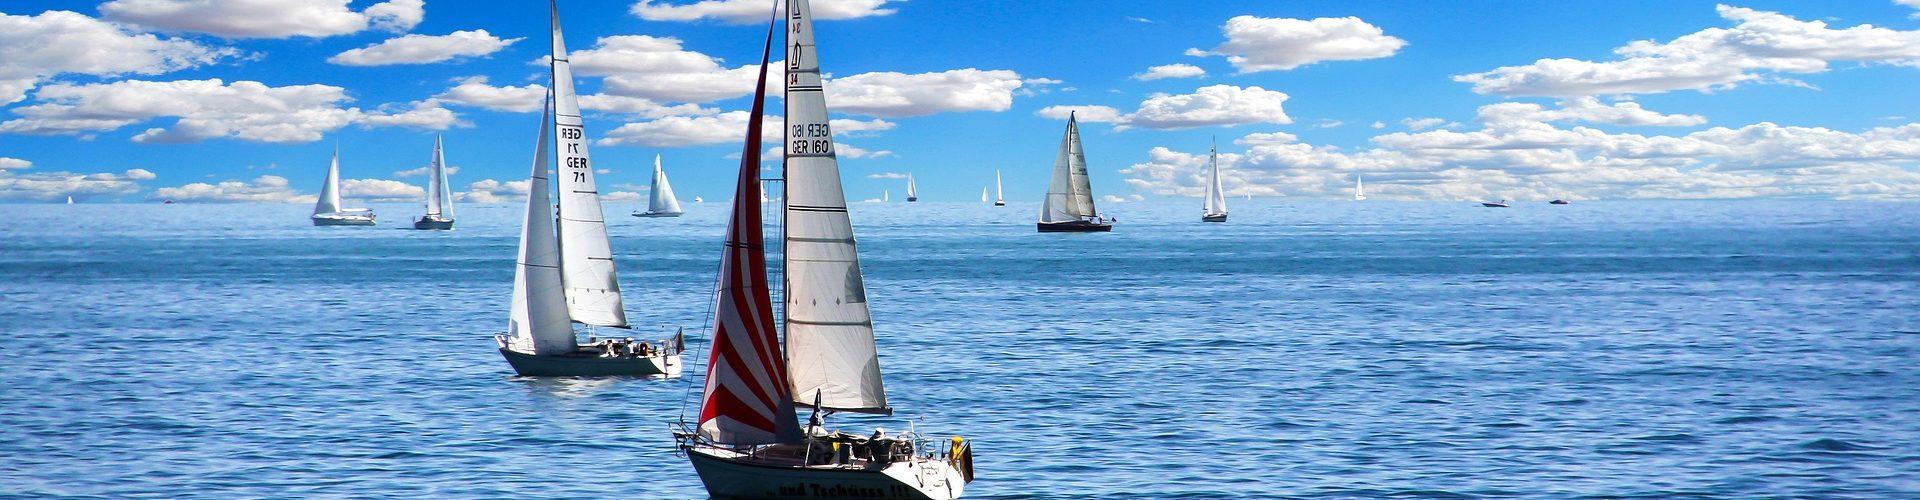 segeln lernen in Genthin segelschein machen in Genthin 1920x500 - Segeln lernen in Genthin